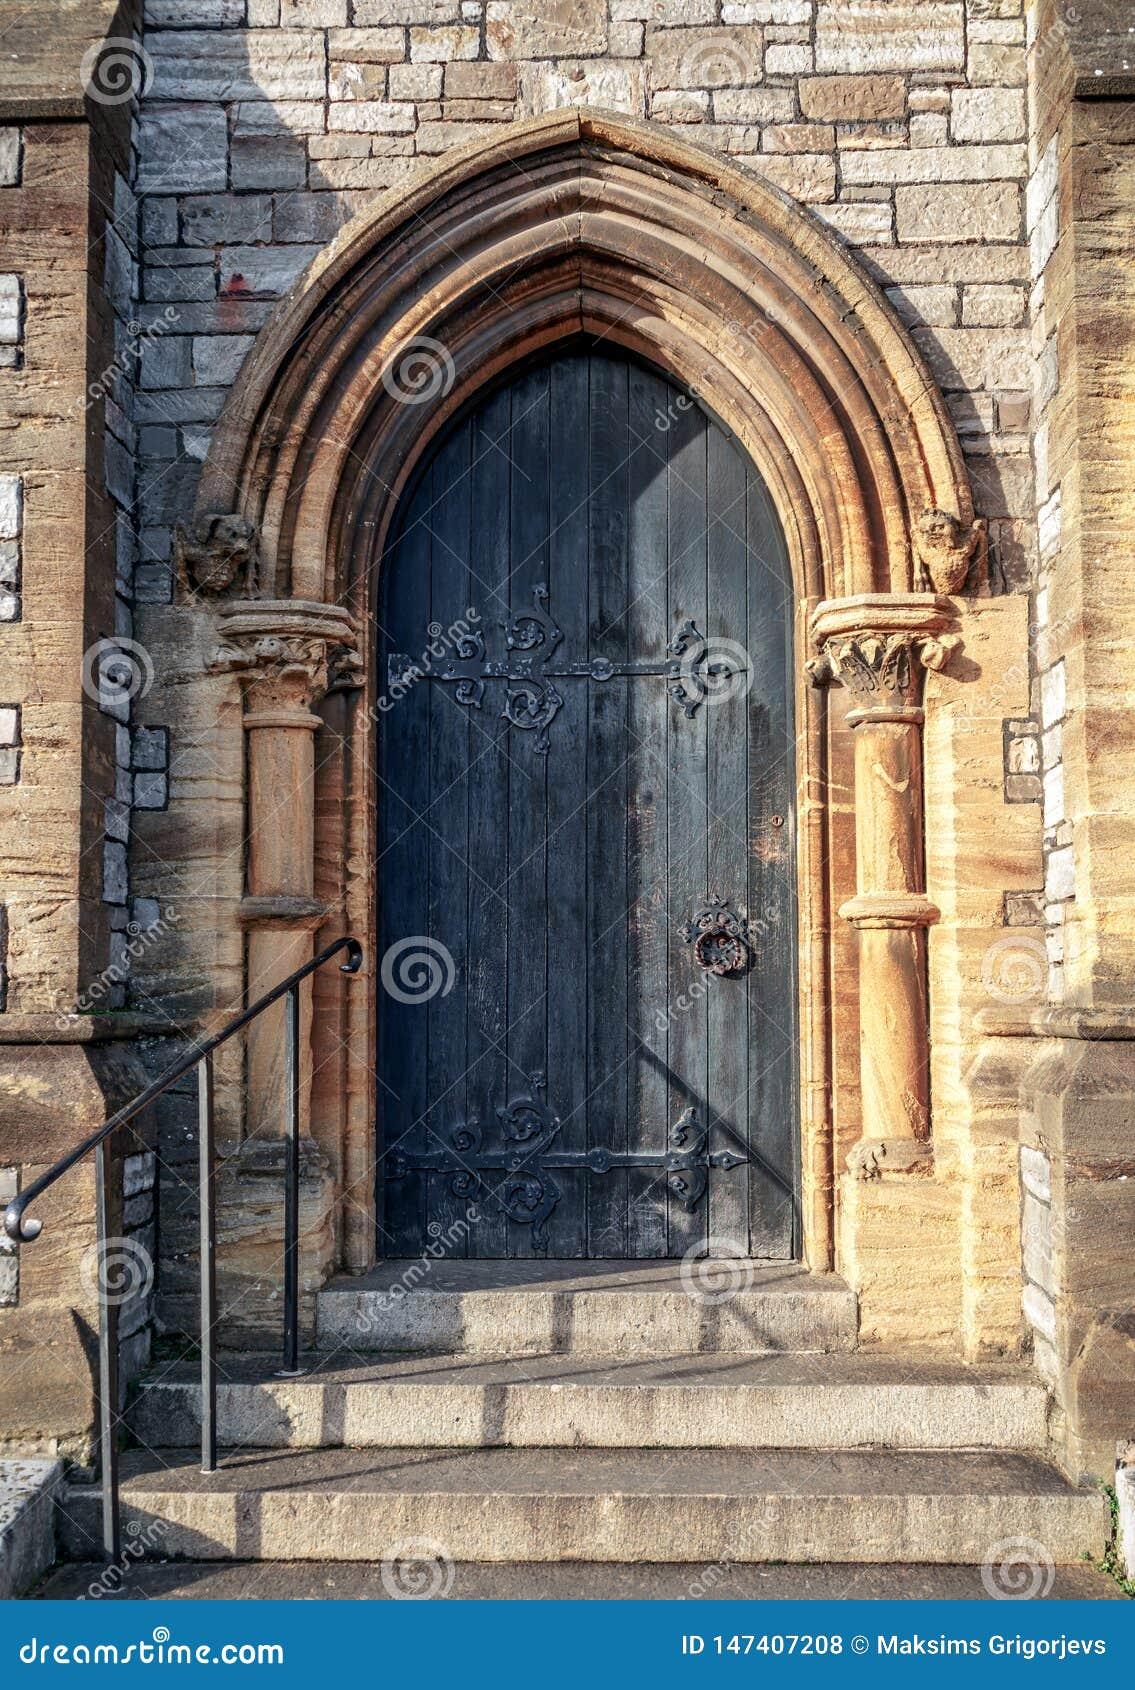 W g?r? tradycyjnego gothic ?redniowiecznego drewnianego wej?ciowego drzwi sposobu z antycznym ceglanym ?ukiem